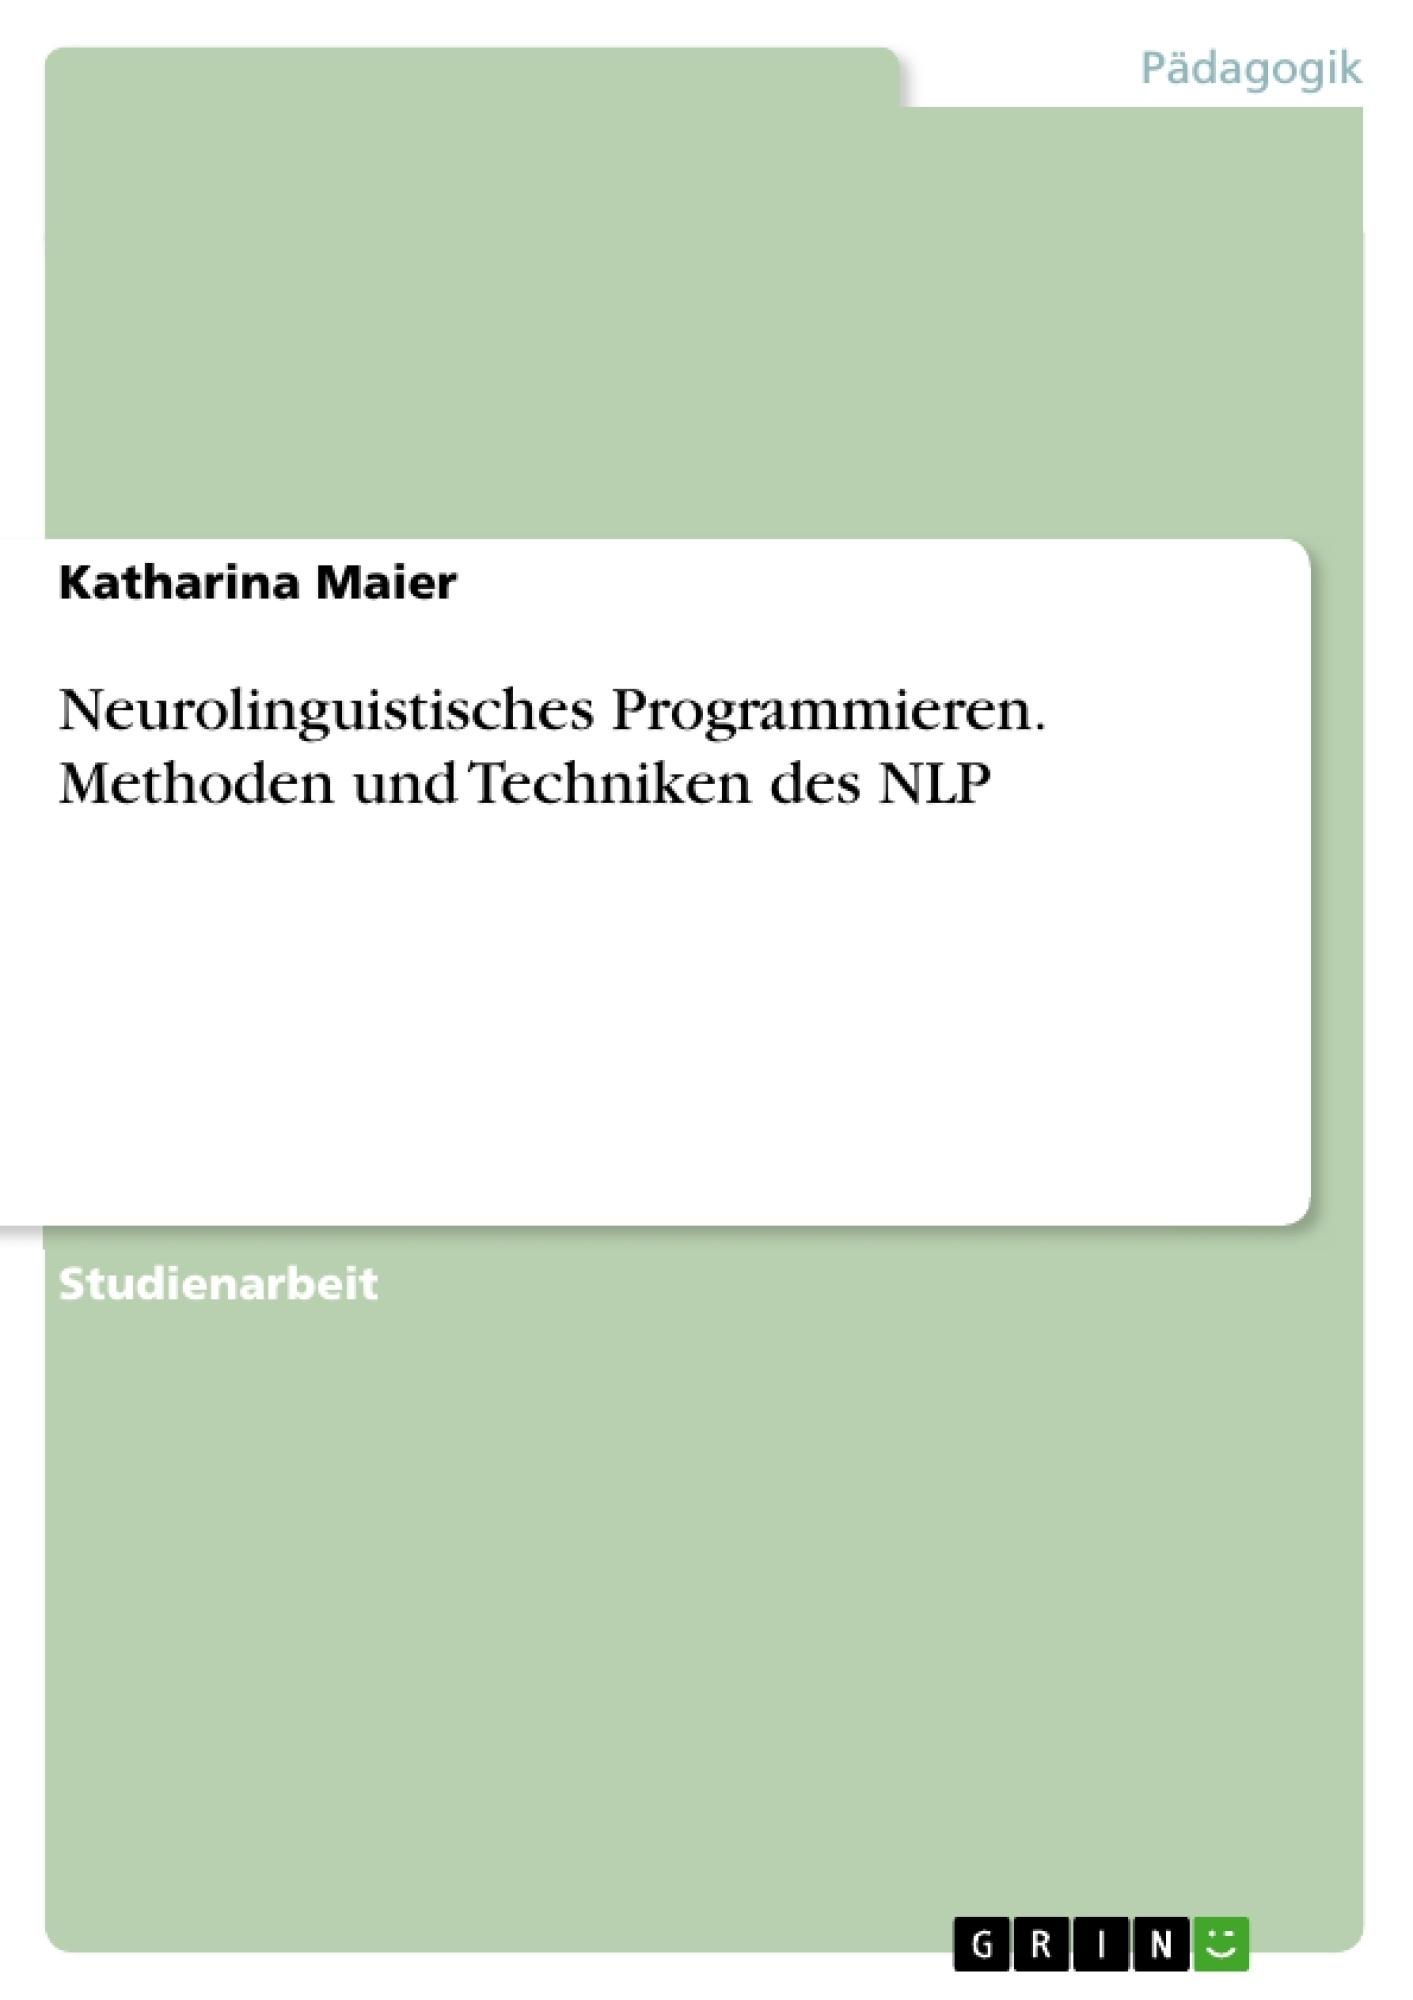 Titel: Neurolinguistisches Programmieren. Methoden und Techniken des NLP